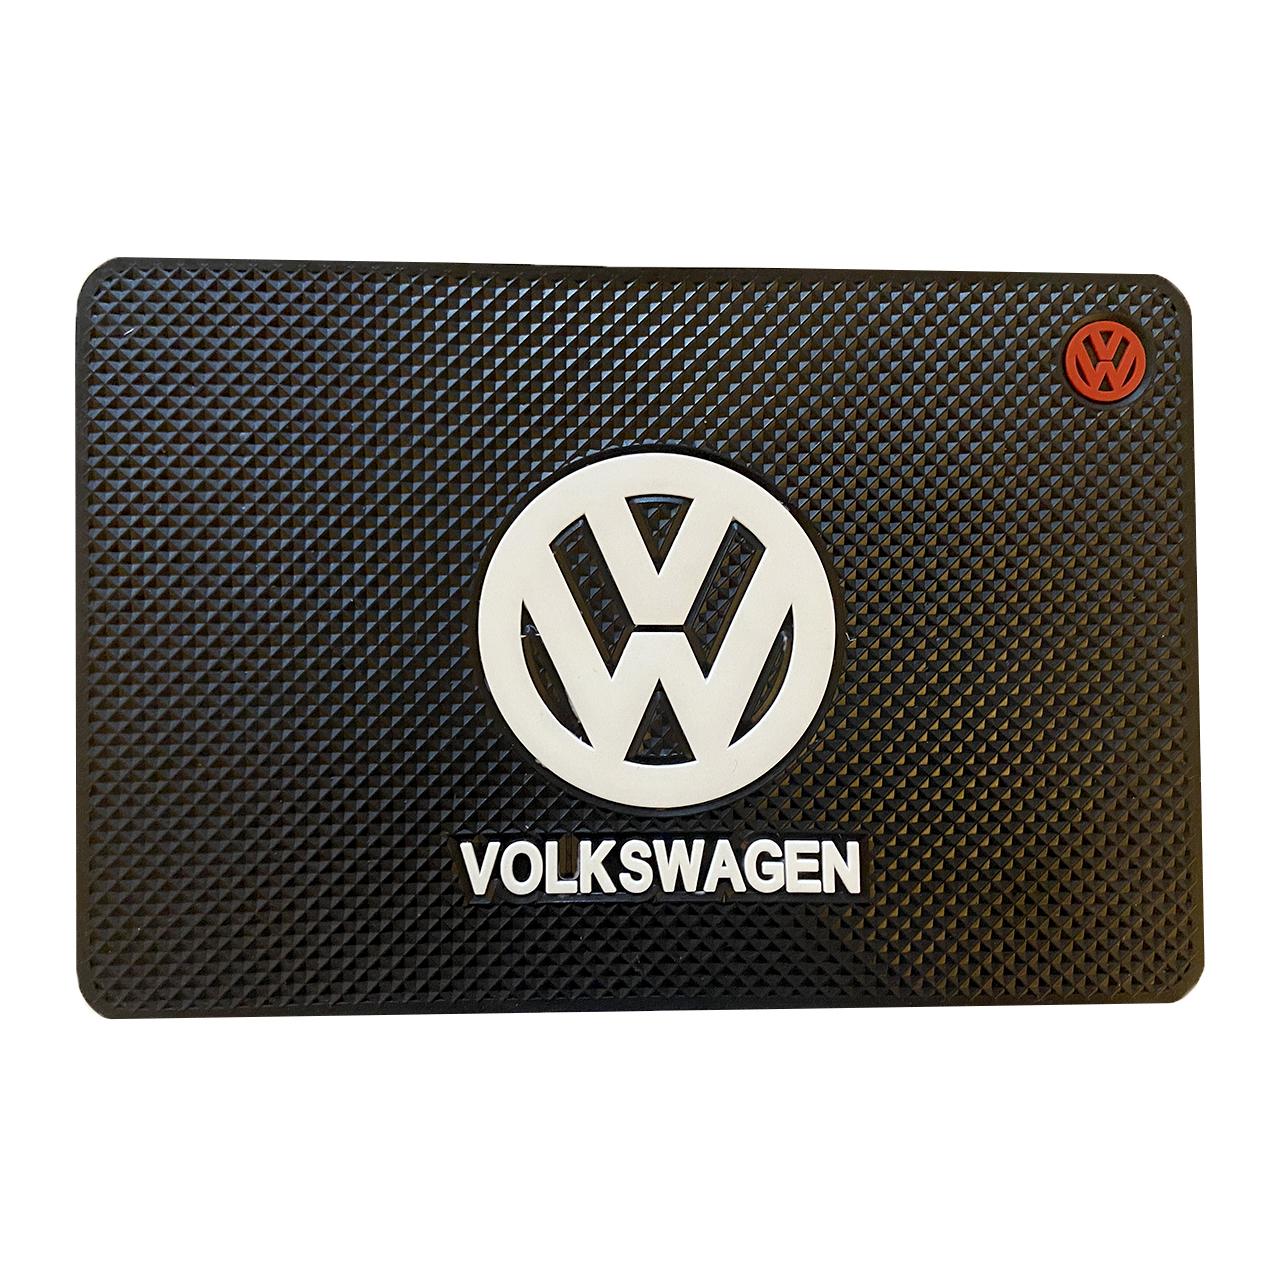 پد نگهدارنده اشیاء داخل خودرو طرح VOLKSWAGEN  مدل VW05